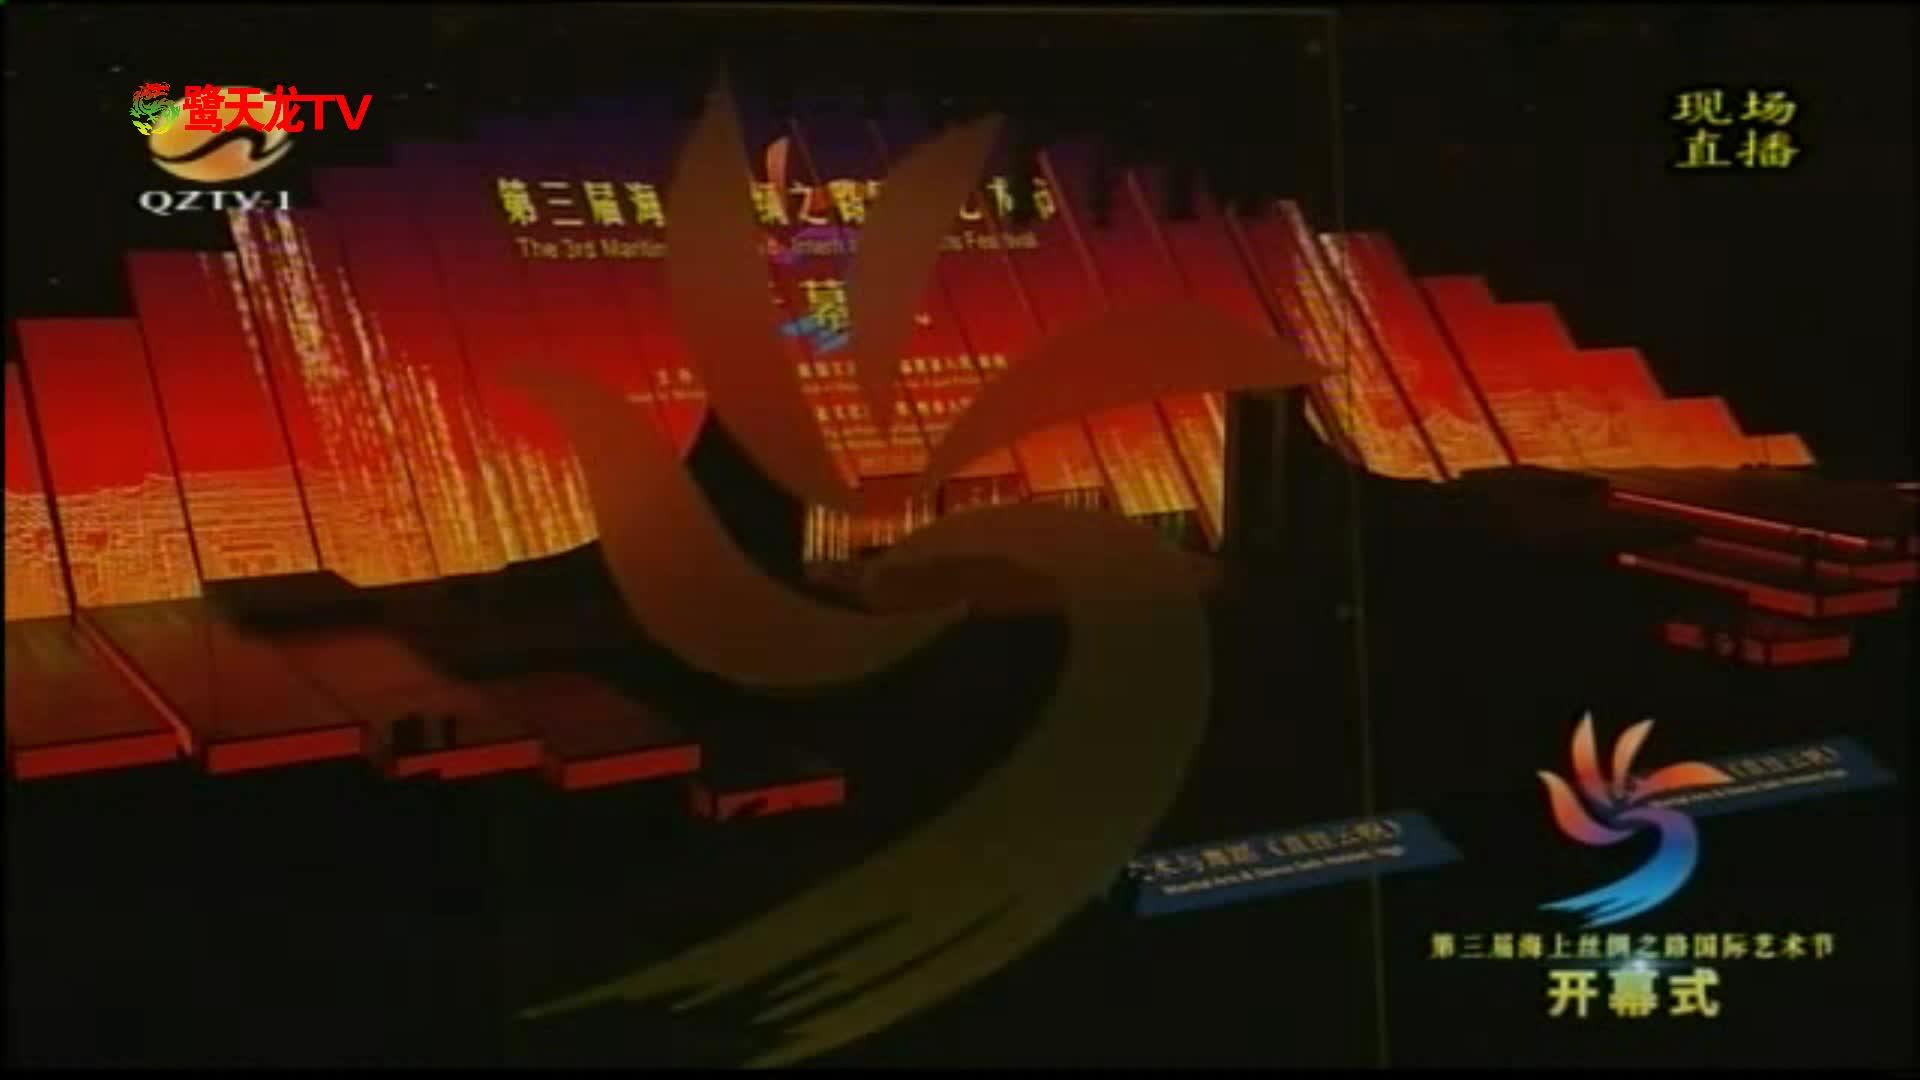 第三届海上丝绸之路国际艺术节开幕式武术与舞蹈《直挂云帆》